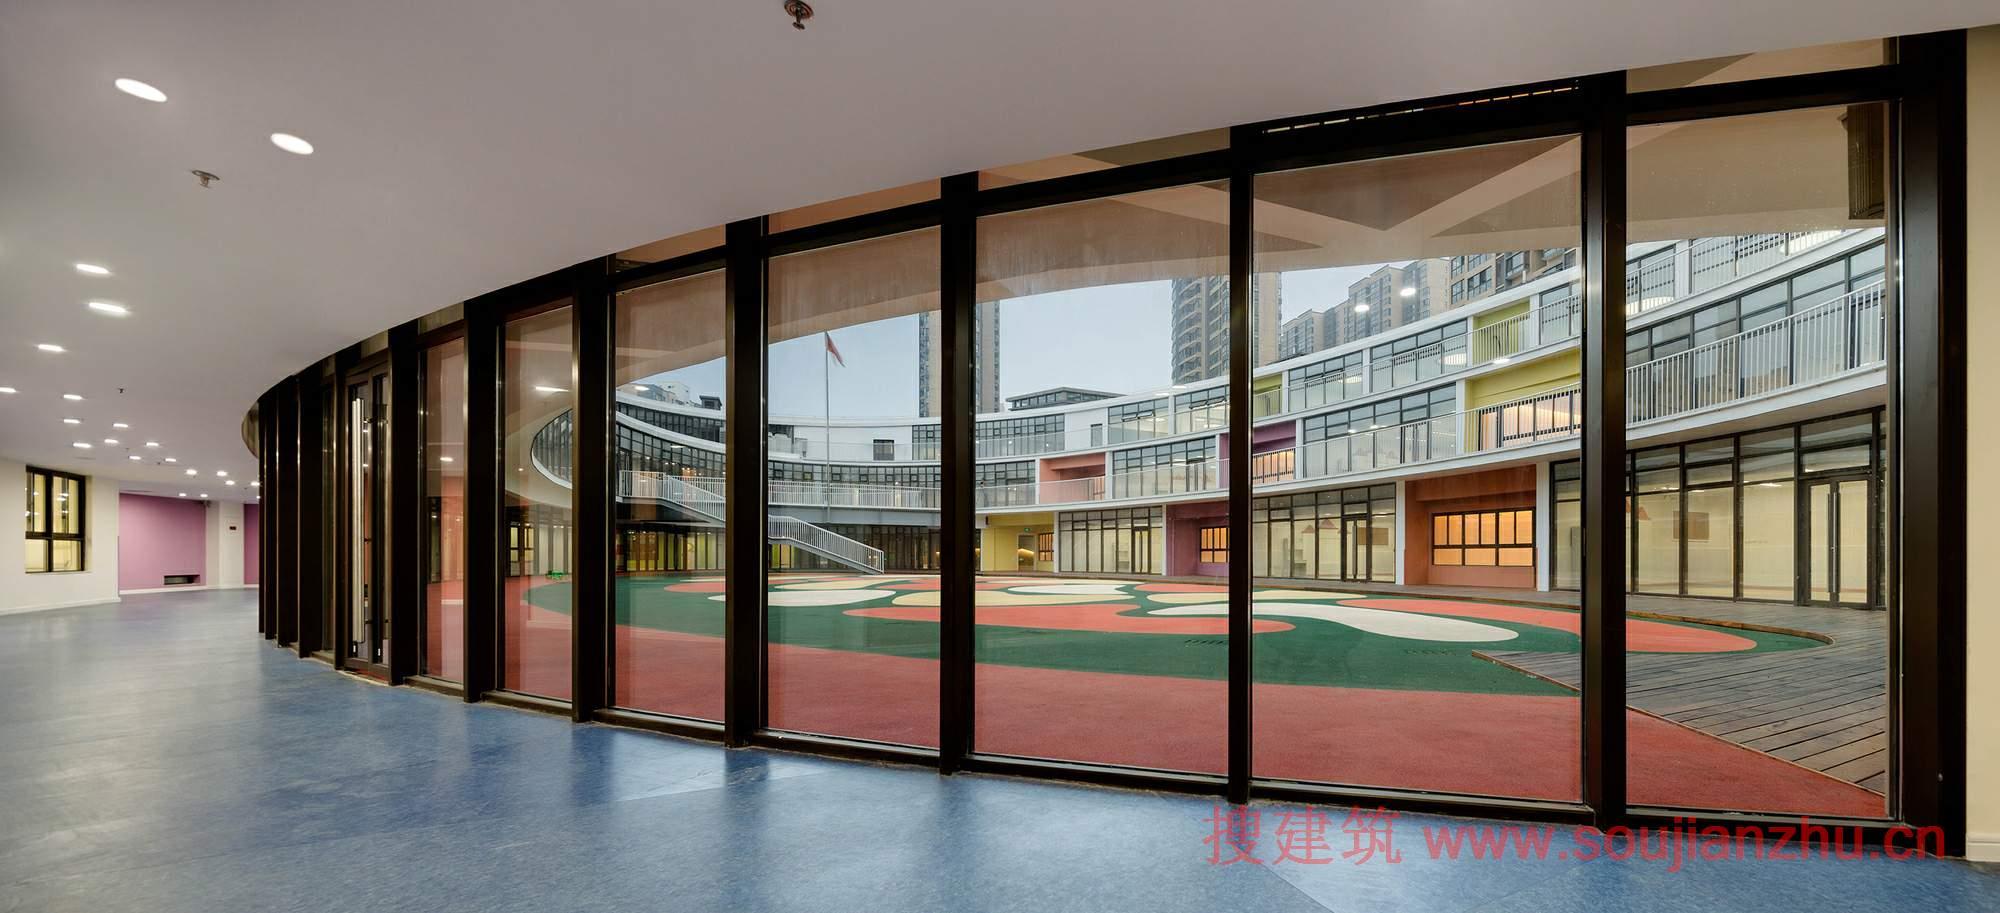 建筑师:UDG + SEU 地点:江苏 无锡 面积:7891.1 平方米 年份:2014 摄影:姚力 钱强  UDG设计的该幼儿园位于无锡惠山榭丽花园小区。该项目是一座三层高的椭圆型螺旋环形建筑,拥有宽敞的室外空间和充足的阳光,及是理想的学习环境。  该建筑采用了流线形的设计,并与现有的道路形成了动态的关系。其次的建筑造型将园林绿化景观元素充分的融入了进来,从而使幼儿园与西面的购物中心和南面的社区中心合为一体,形成了一个高质量的与舒适的广场空间,非常适合人们在这里散步娱乐。  与此同时,建筑的侧面面朝马路